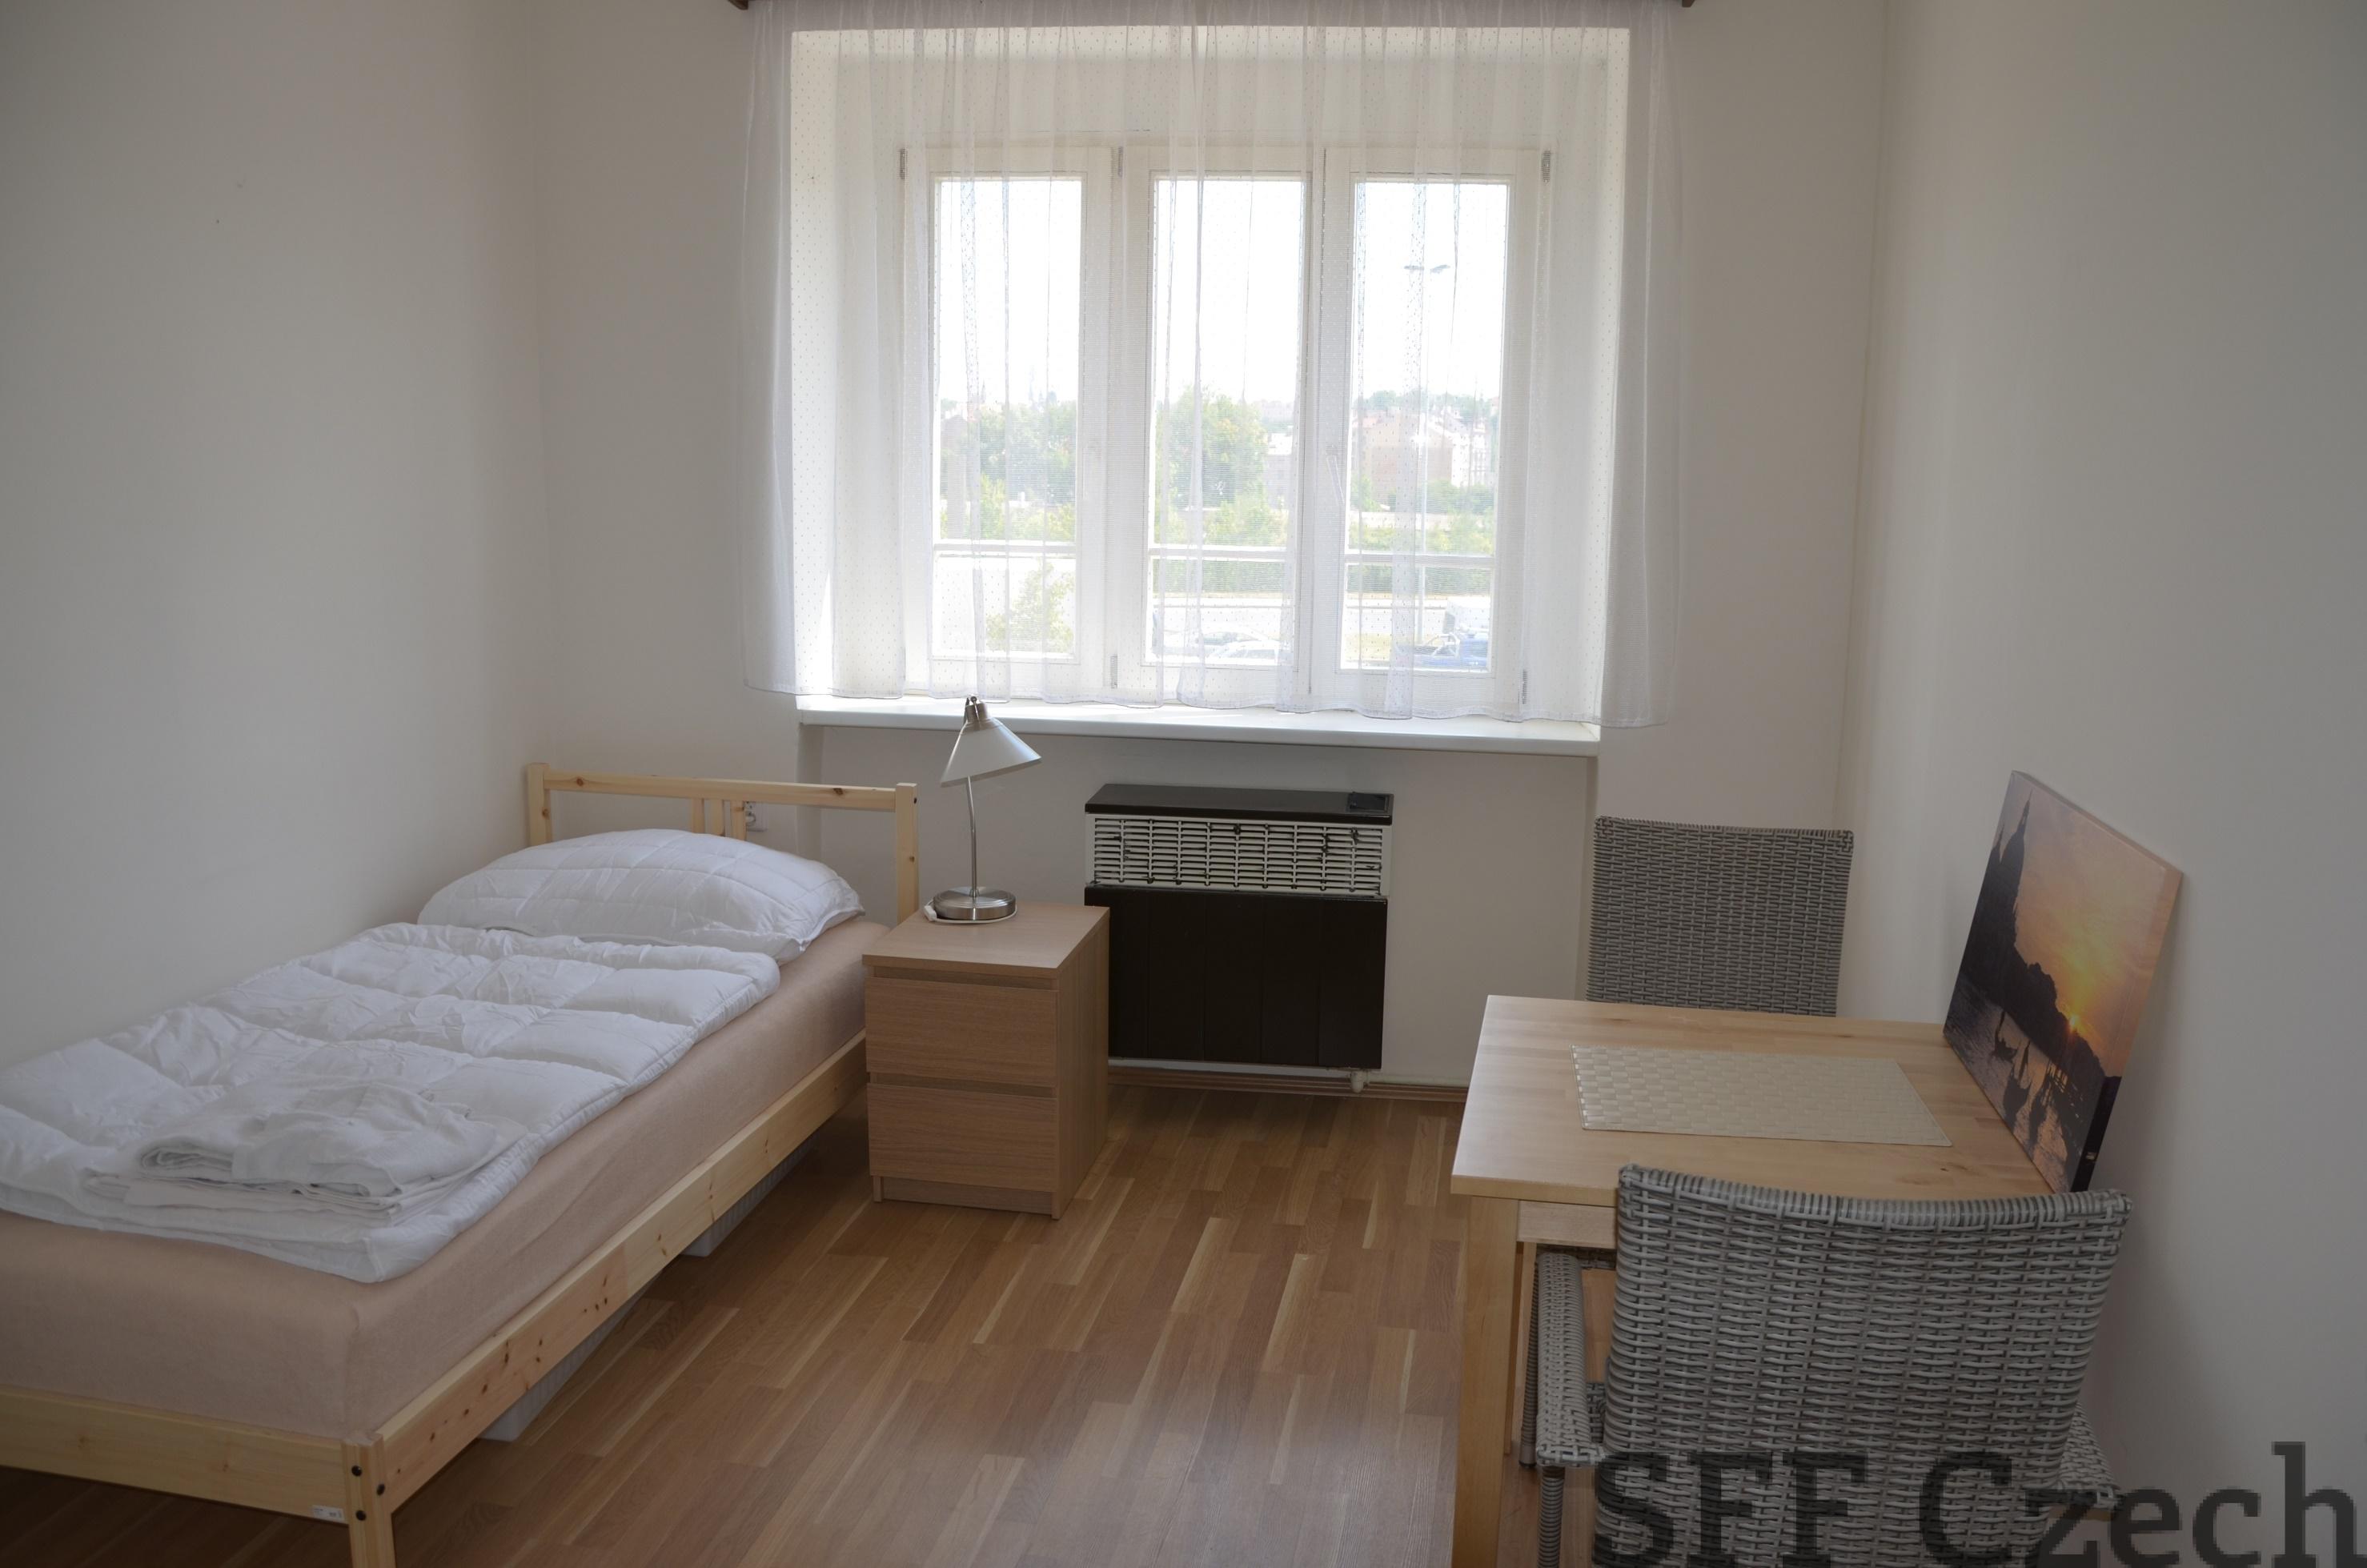 Nice furnished room Prague 5 next